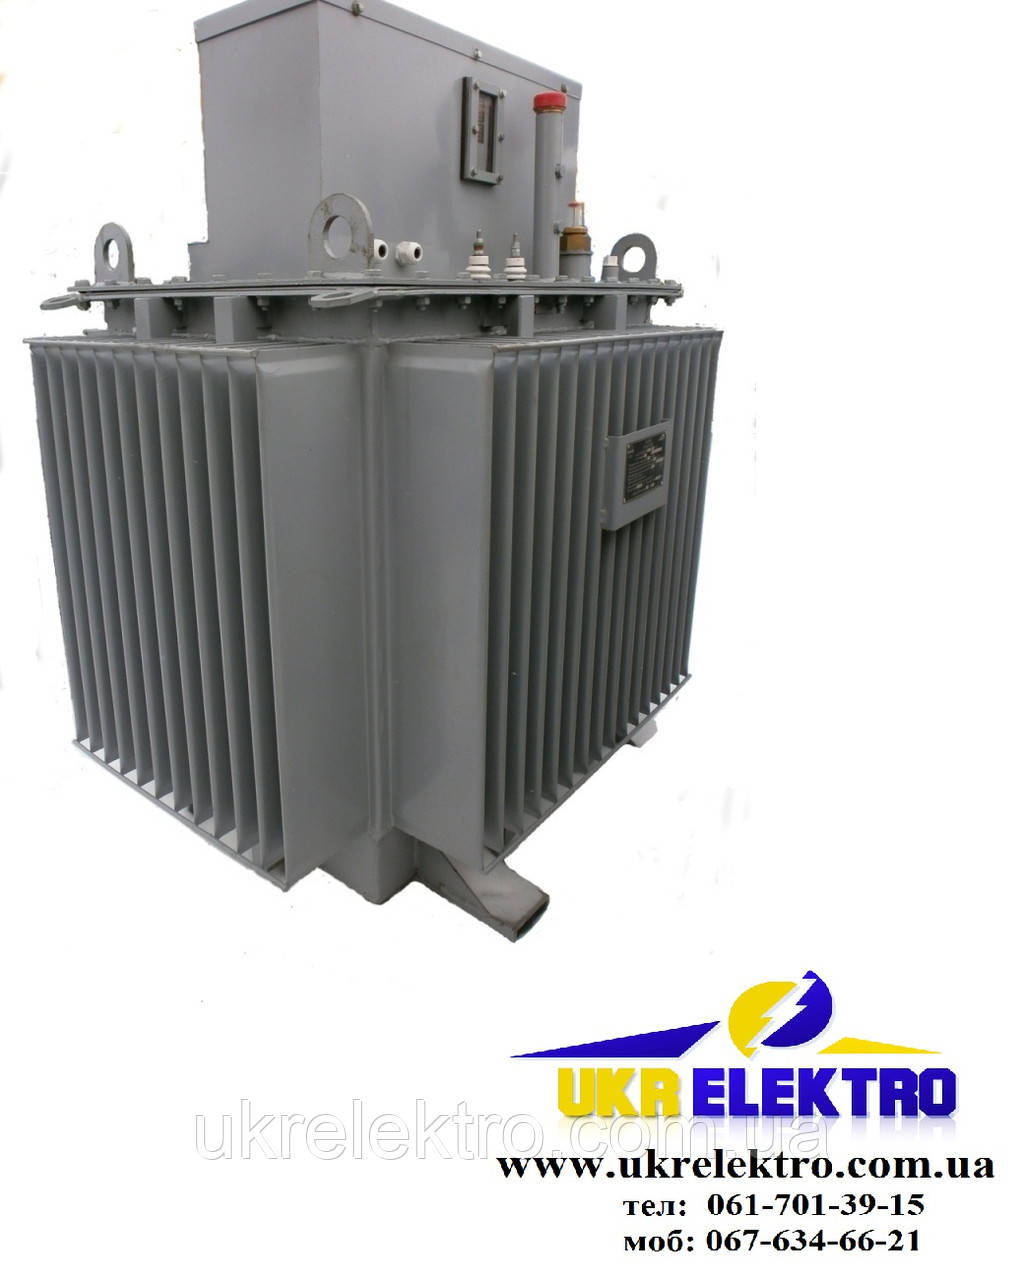 РЗДПОМ-120/6У1 - Реактор масляный заземляющий дугогасящий с плавным регулированием индуктивности.